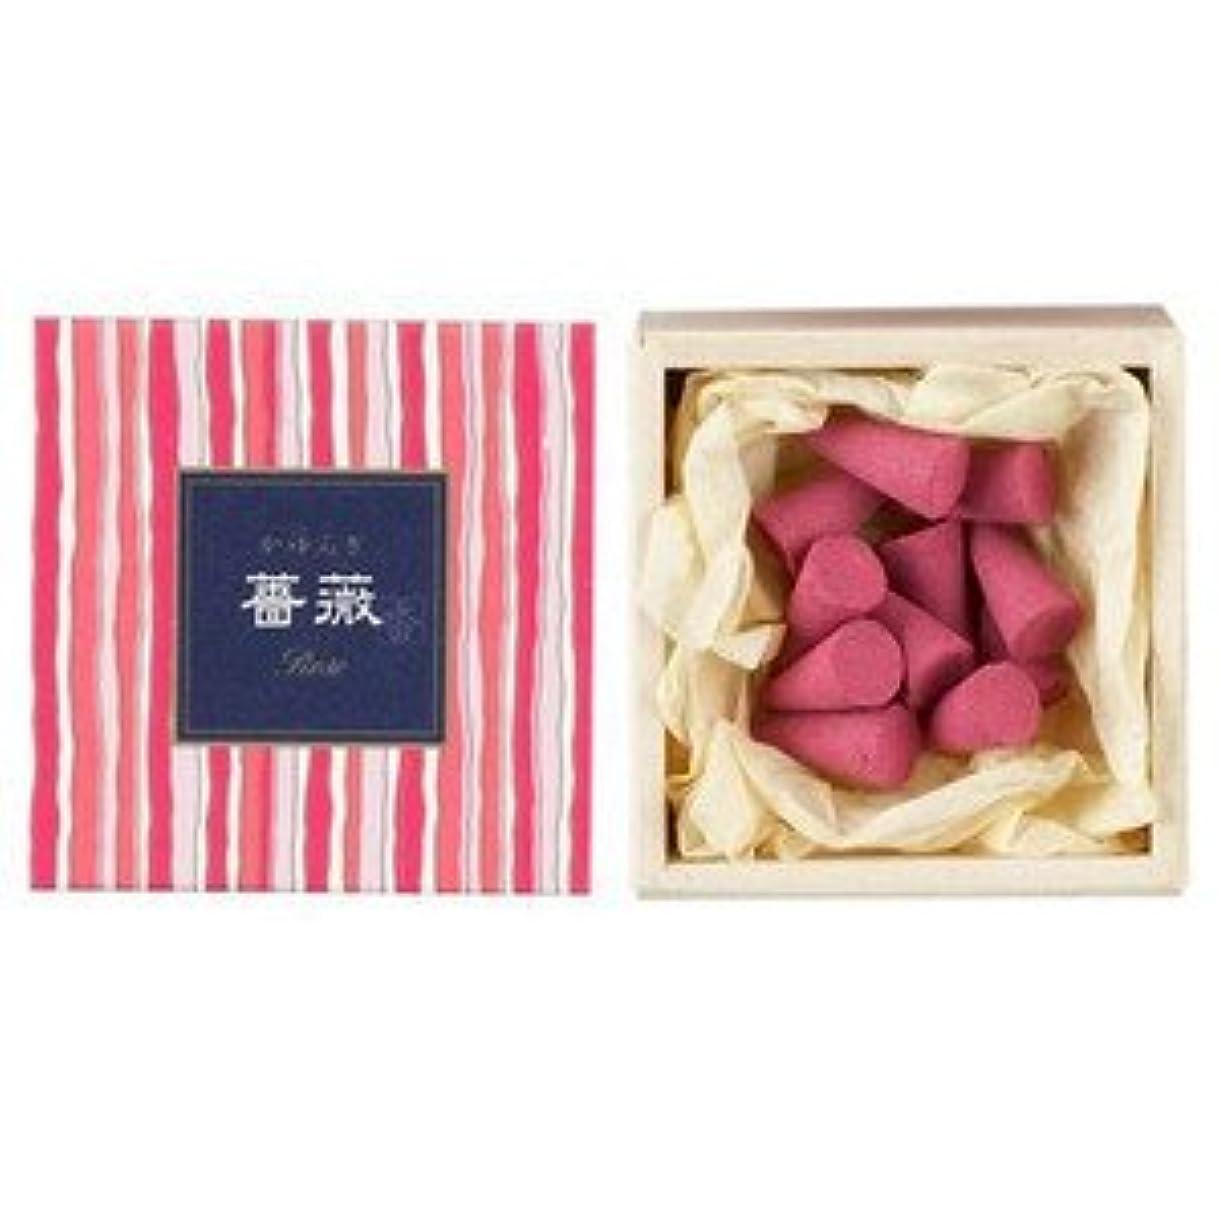 驚くべき流ハンドブック日本香堂 かゆらぎコーン 薔薇